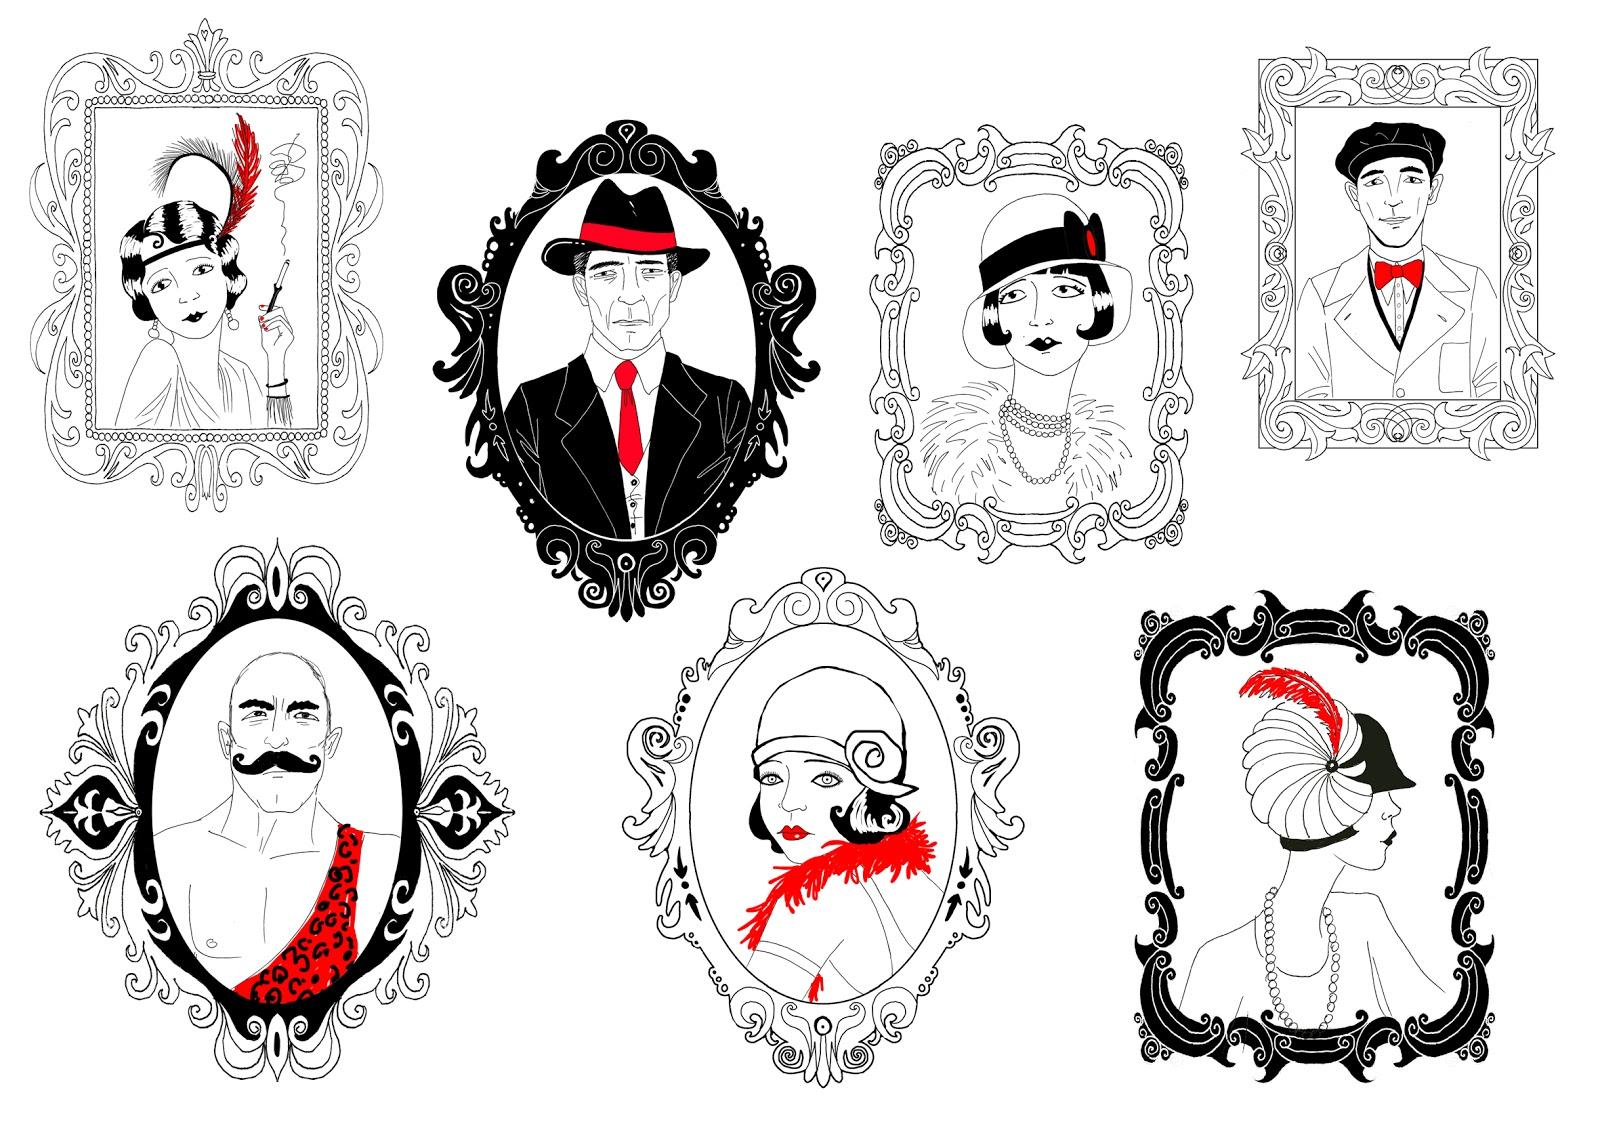 Elena uve ilustraci n serie de ilustraciones inspiradas en los a os 20 para la decoraci n de - Fiesta anos 20 ...